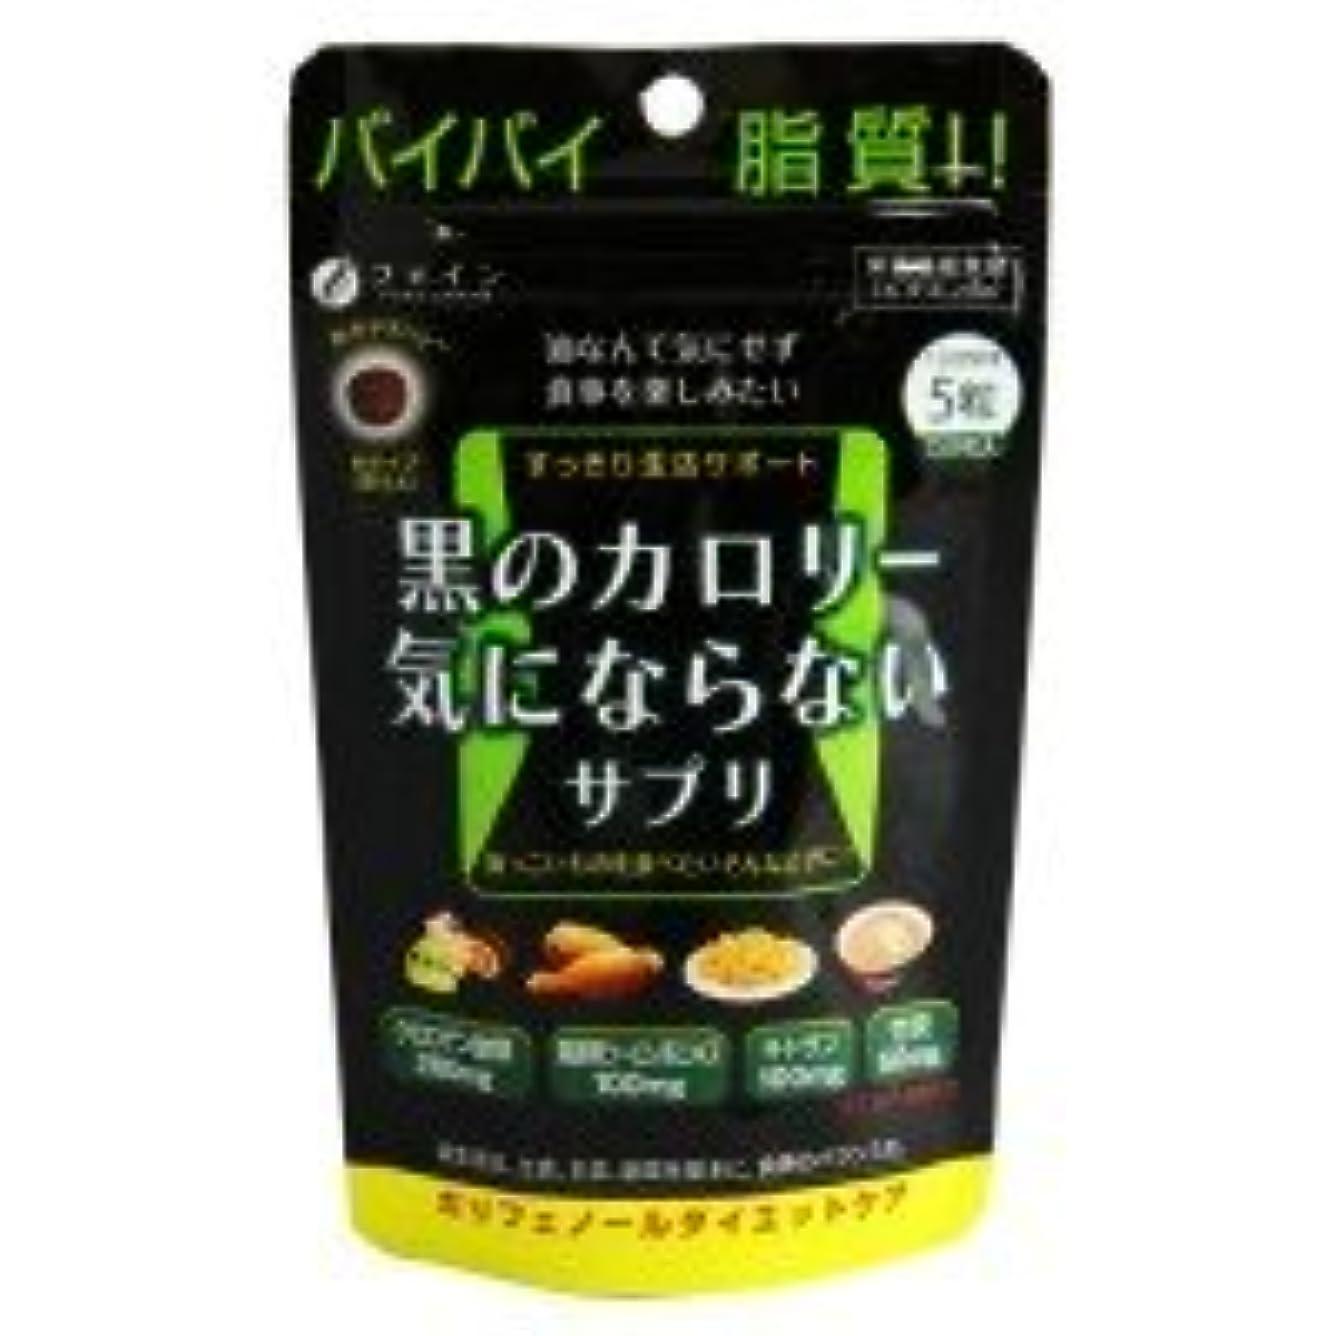 カプセル着る依存ファイン 黒のカロリー気にならない 栄養機能食品(ビタミンB6) 30g(200mg×150粒)